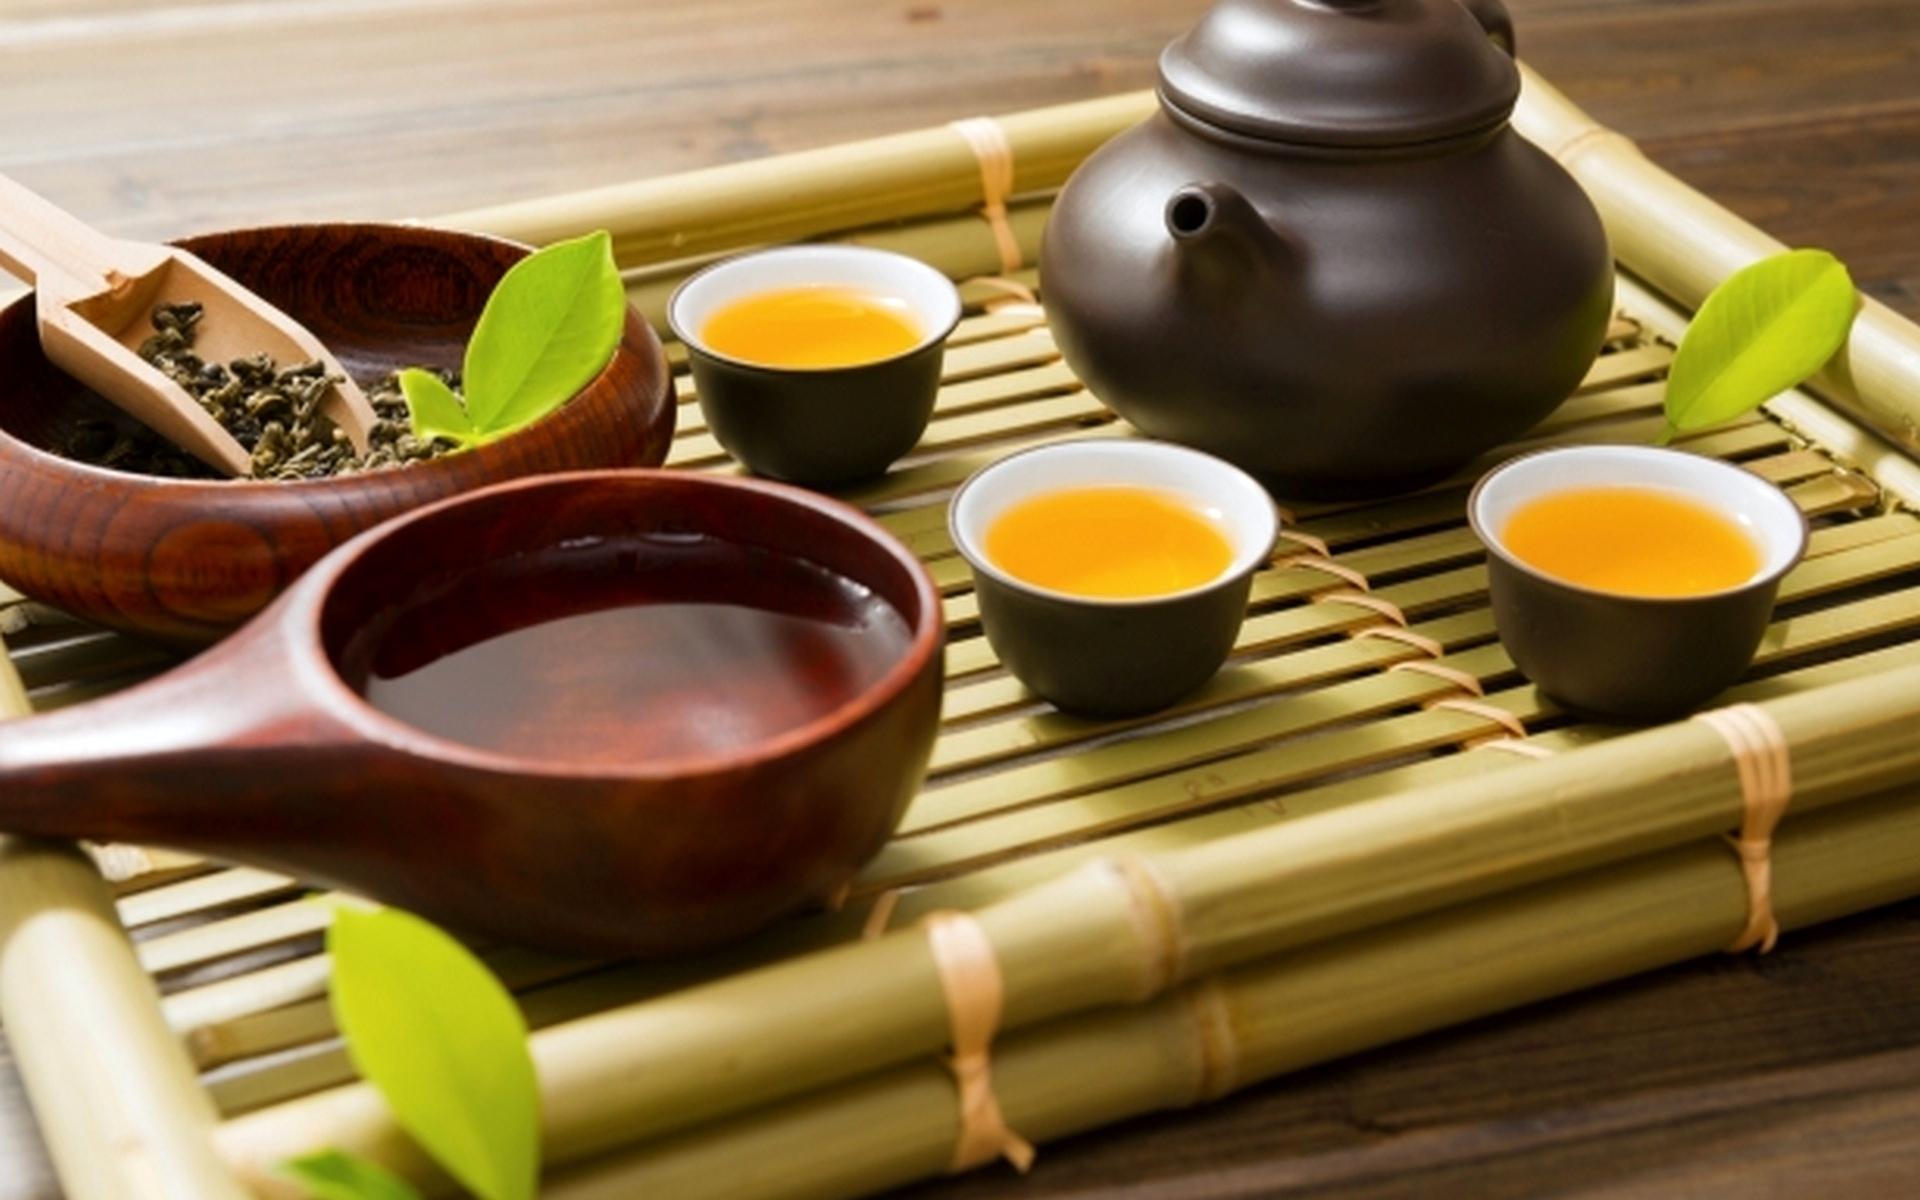 Церемония чаепития помогает существенно уменьшить беспокойство и тревогу